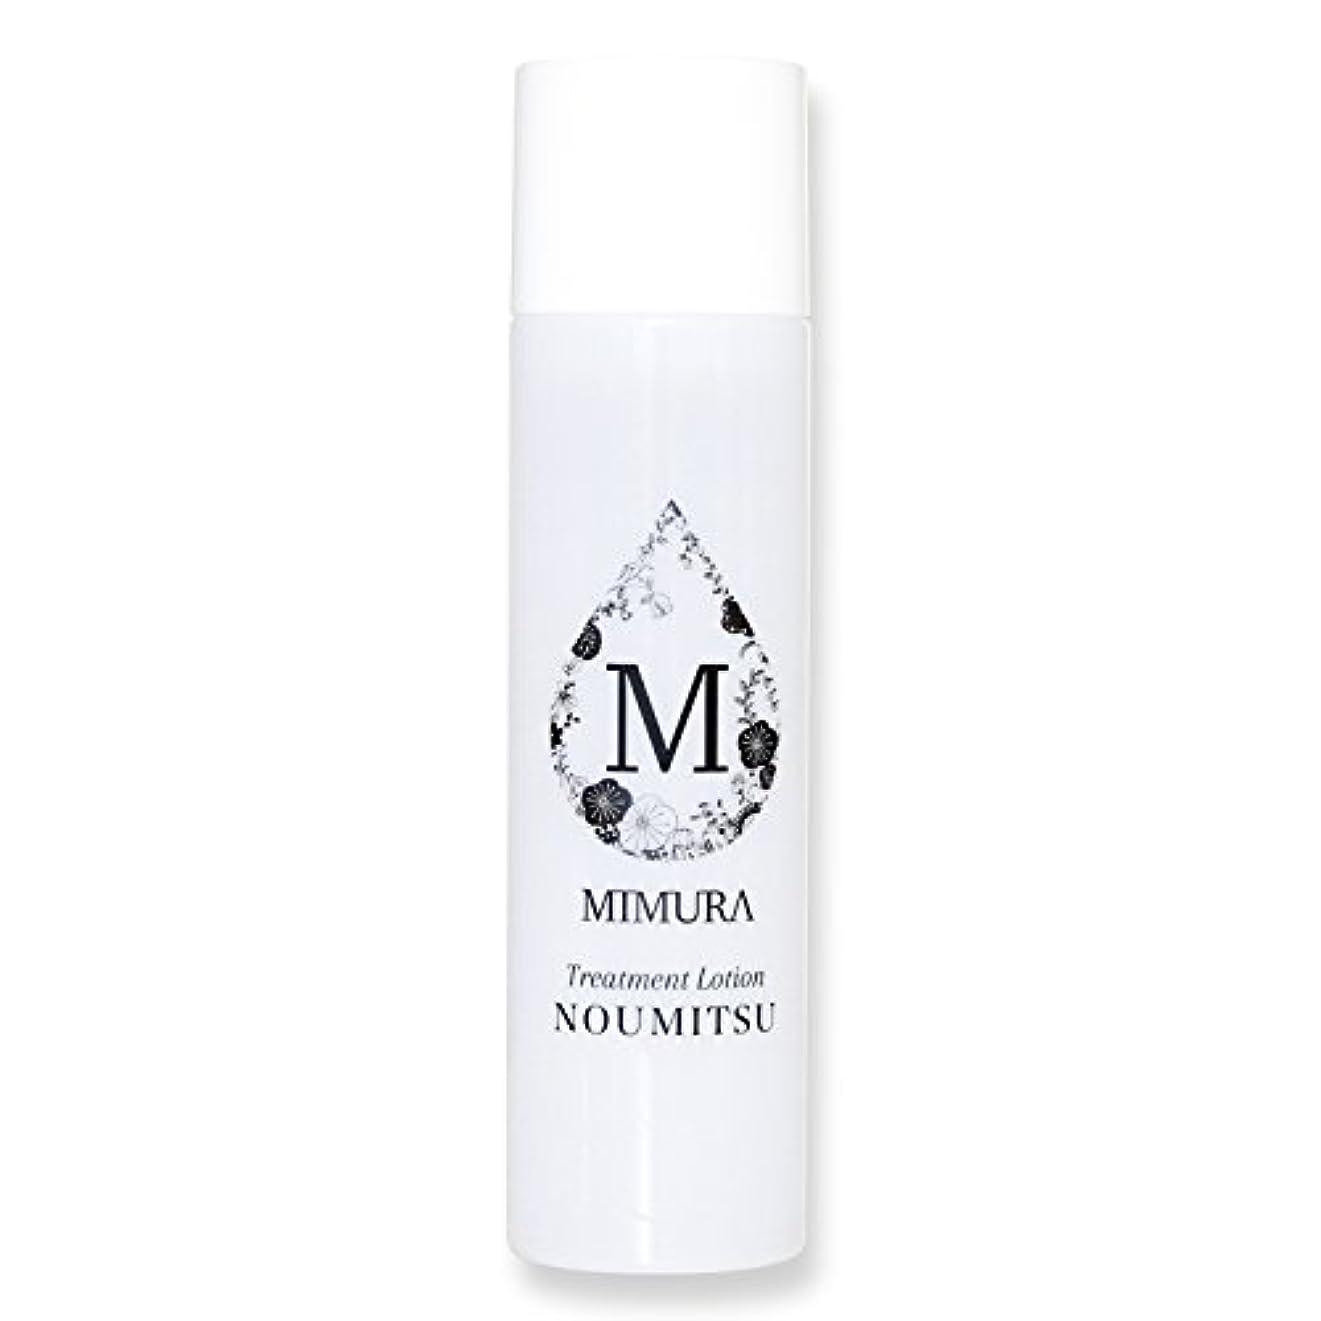 複数潜在的な頂点化粧水 乾燥肌 うるおい 送料無料 ミムラ トリートメントローション NOUMITSU MIMURA 日本製